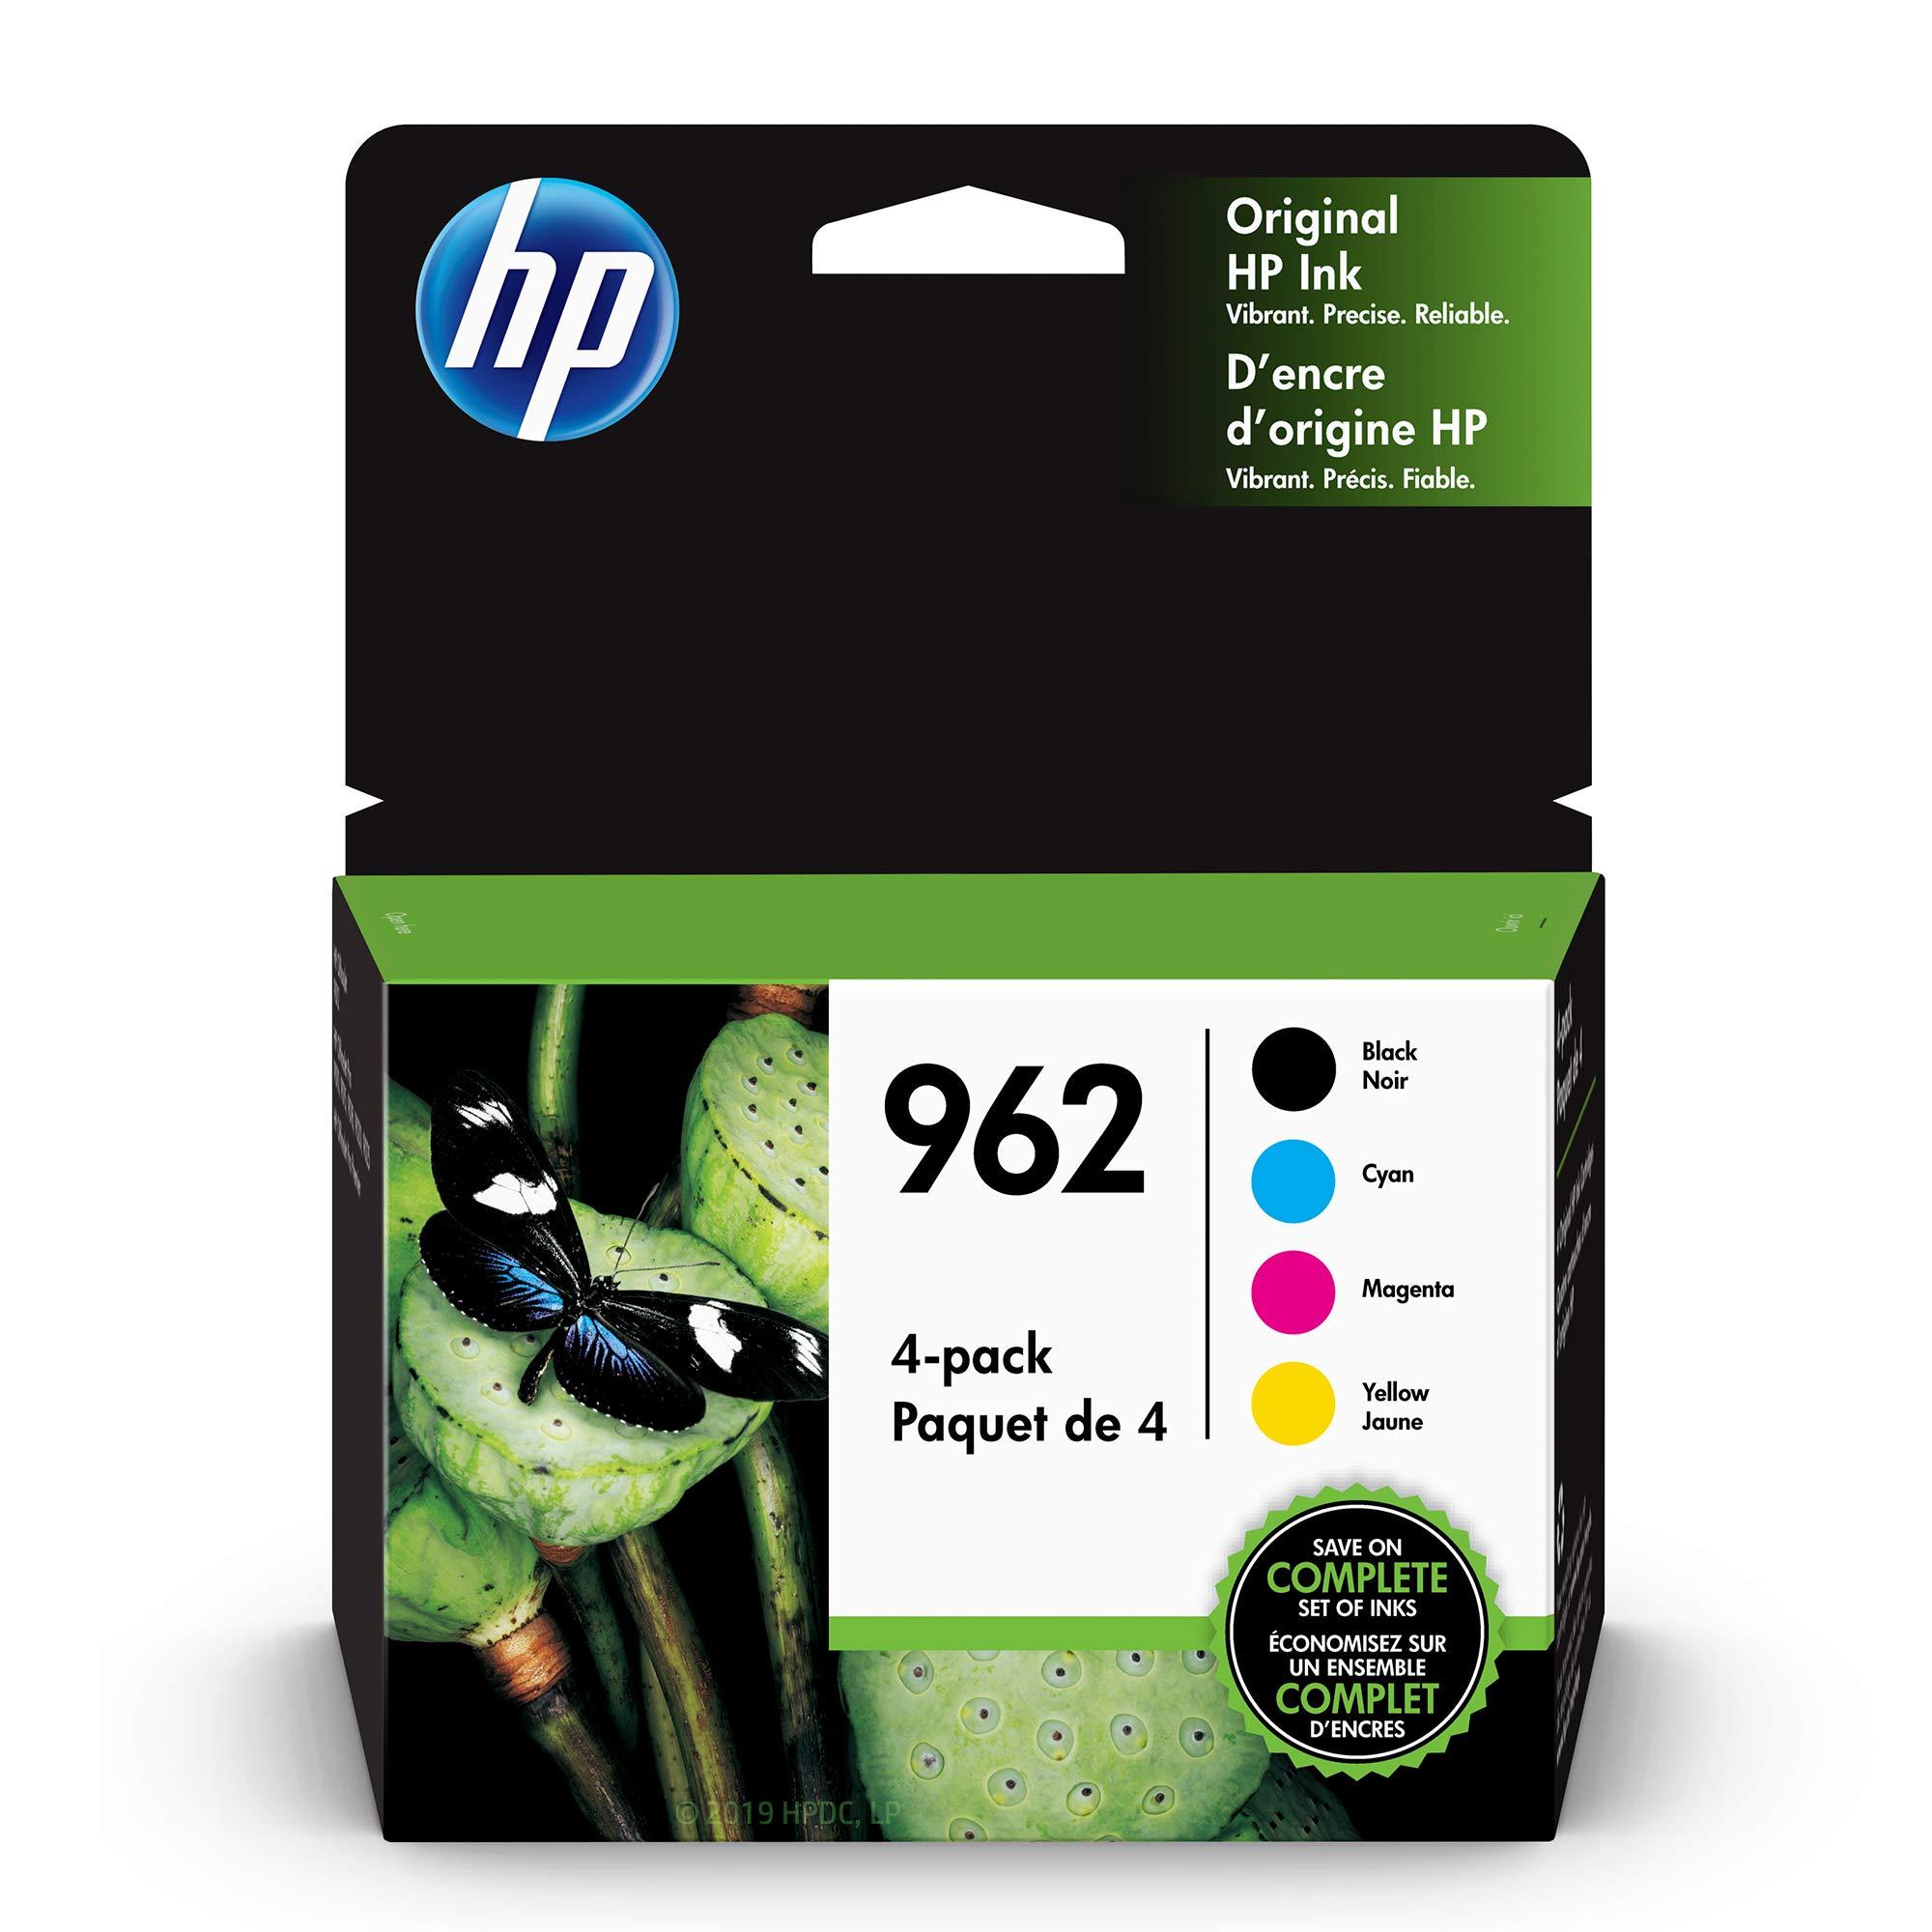 HP 962 | 4 Ink Cartridges| Black, Cyan, Magenta, Yellow | 3HZ99AN, 3HZ96AN, 3HZ97AN, 3HZ98AN by HP